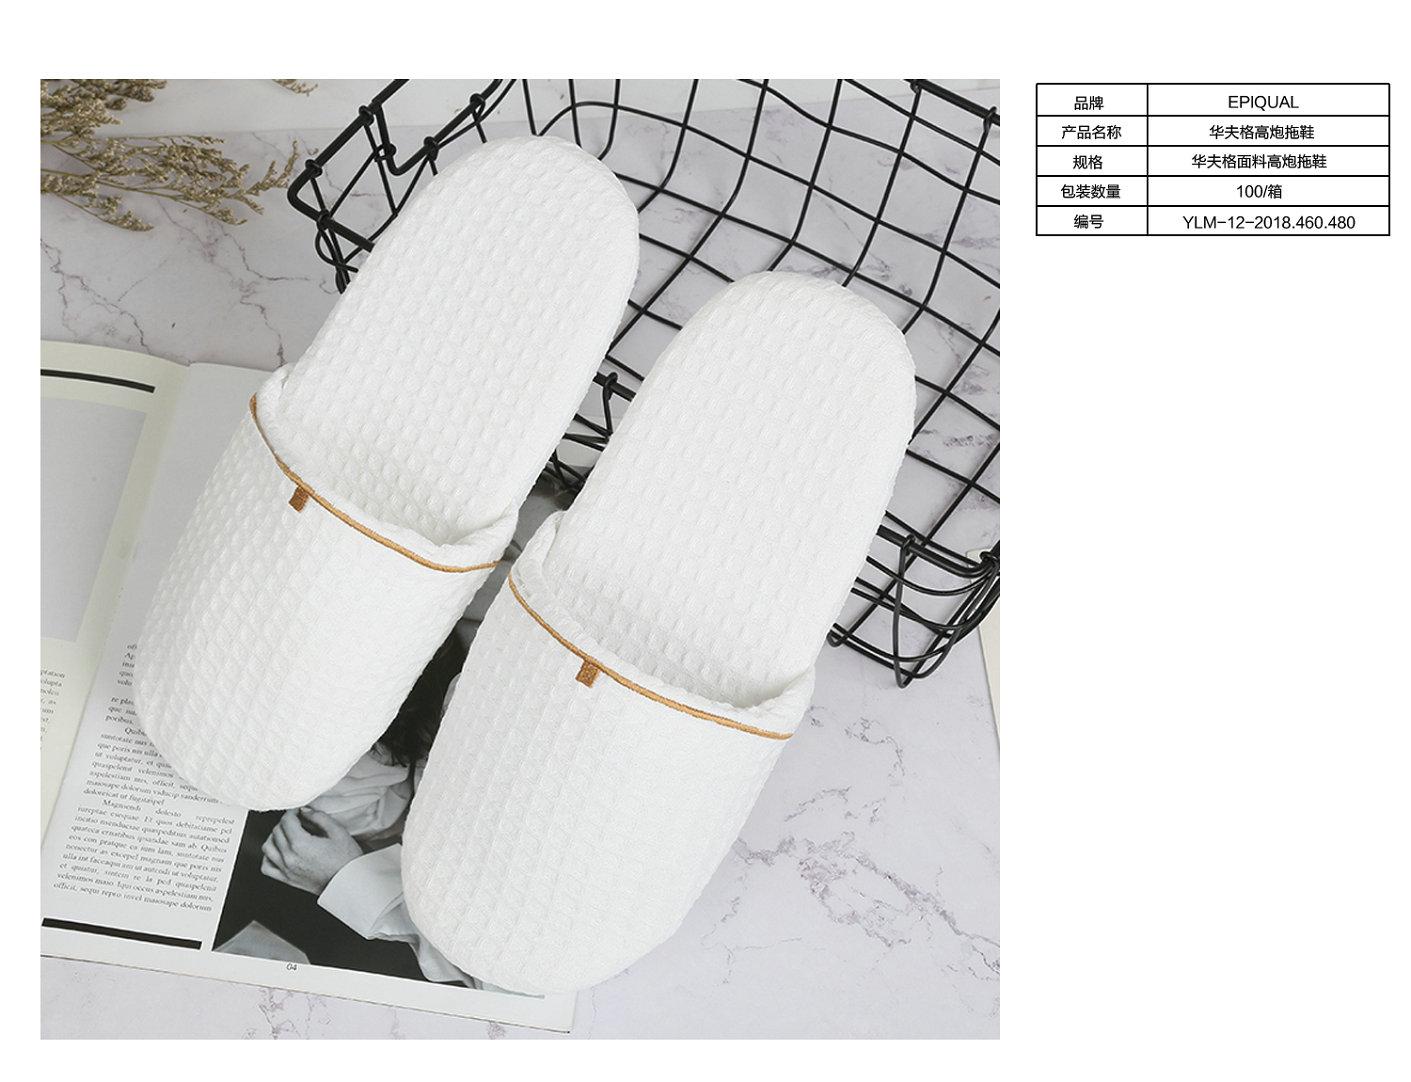 想买优惠的一次性拖鞋价格如何,就到伊兰美酒店用品有限公司 五星级酒店一次性拖鞋